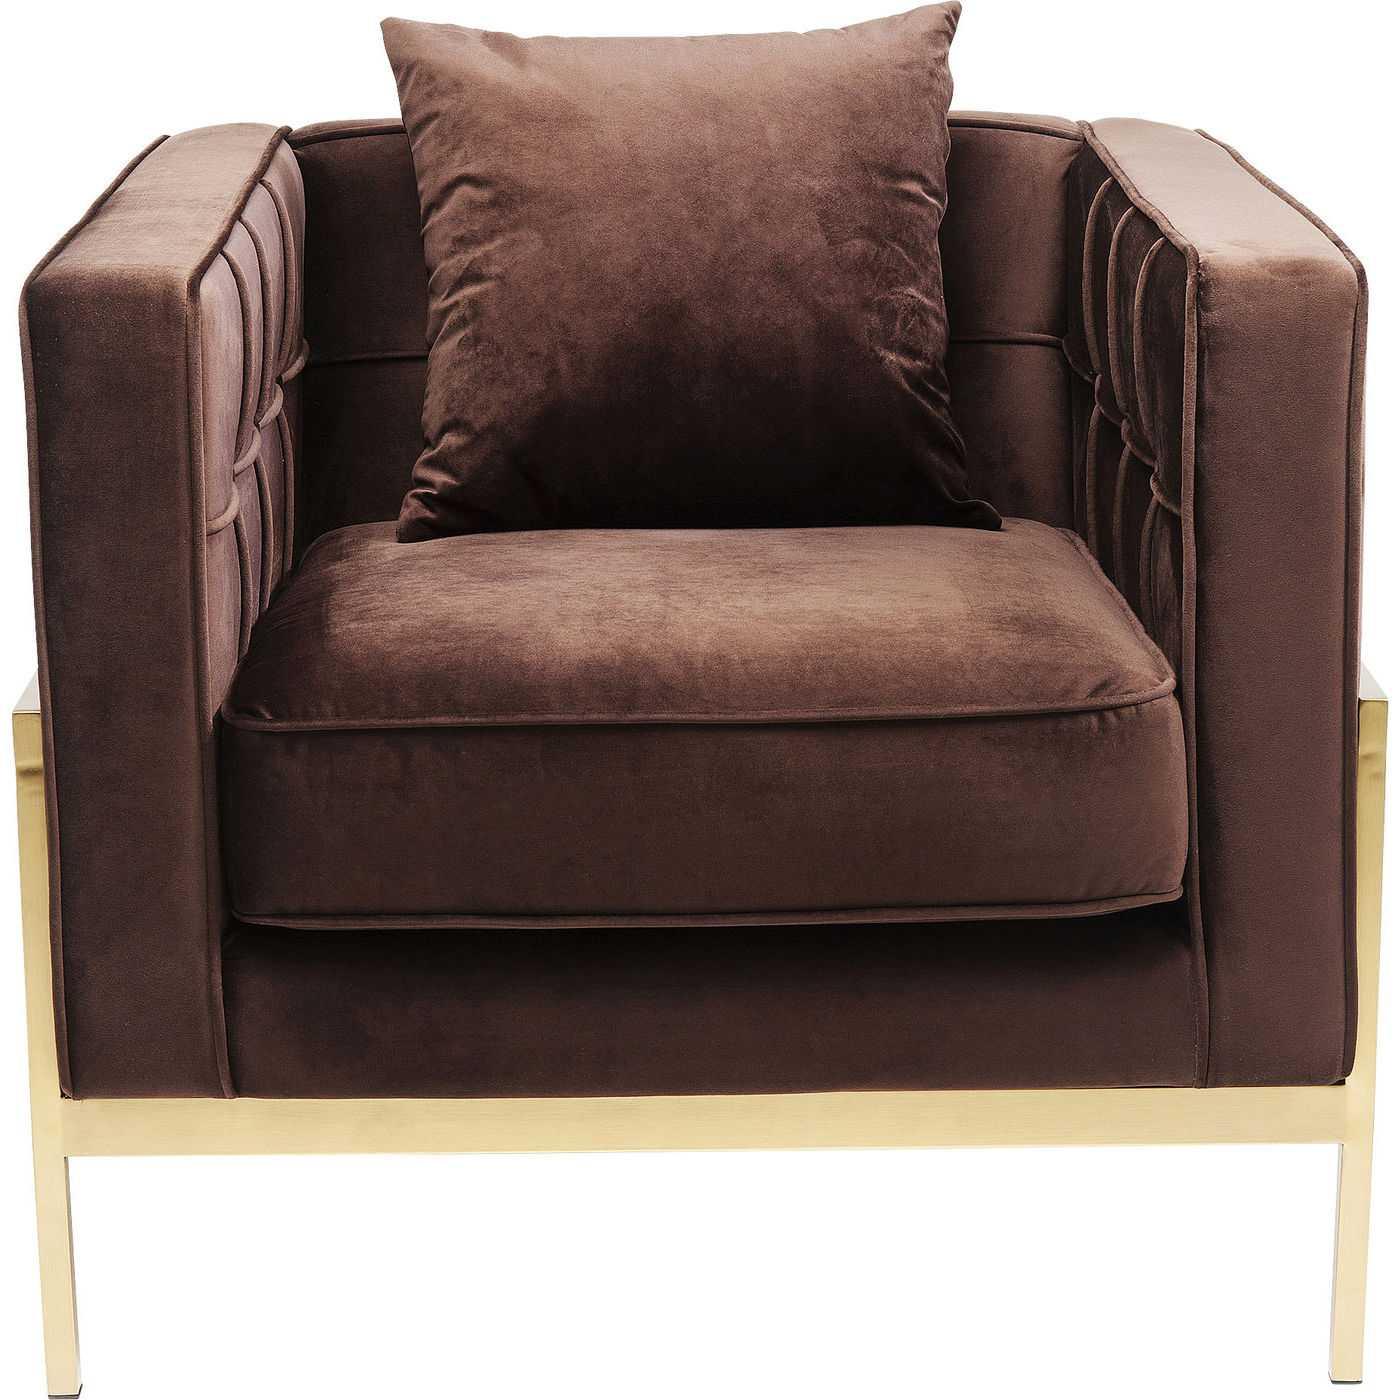 kare design Kare design loft brown lænestol - brunt stof/messing stål, m. armlæn og pude fra boboonline.dk